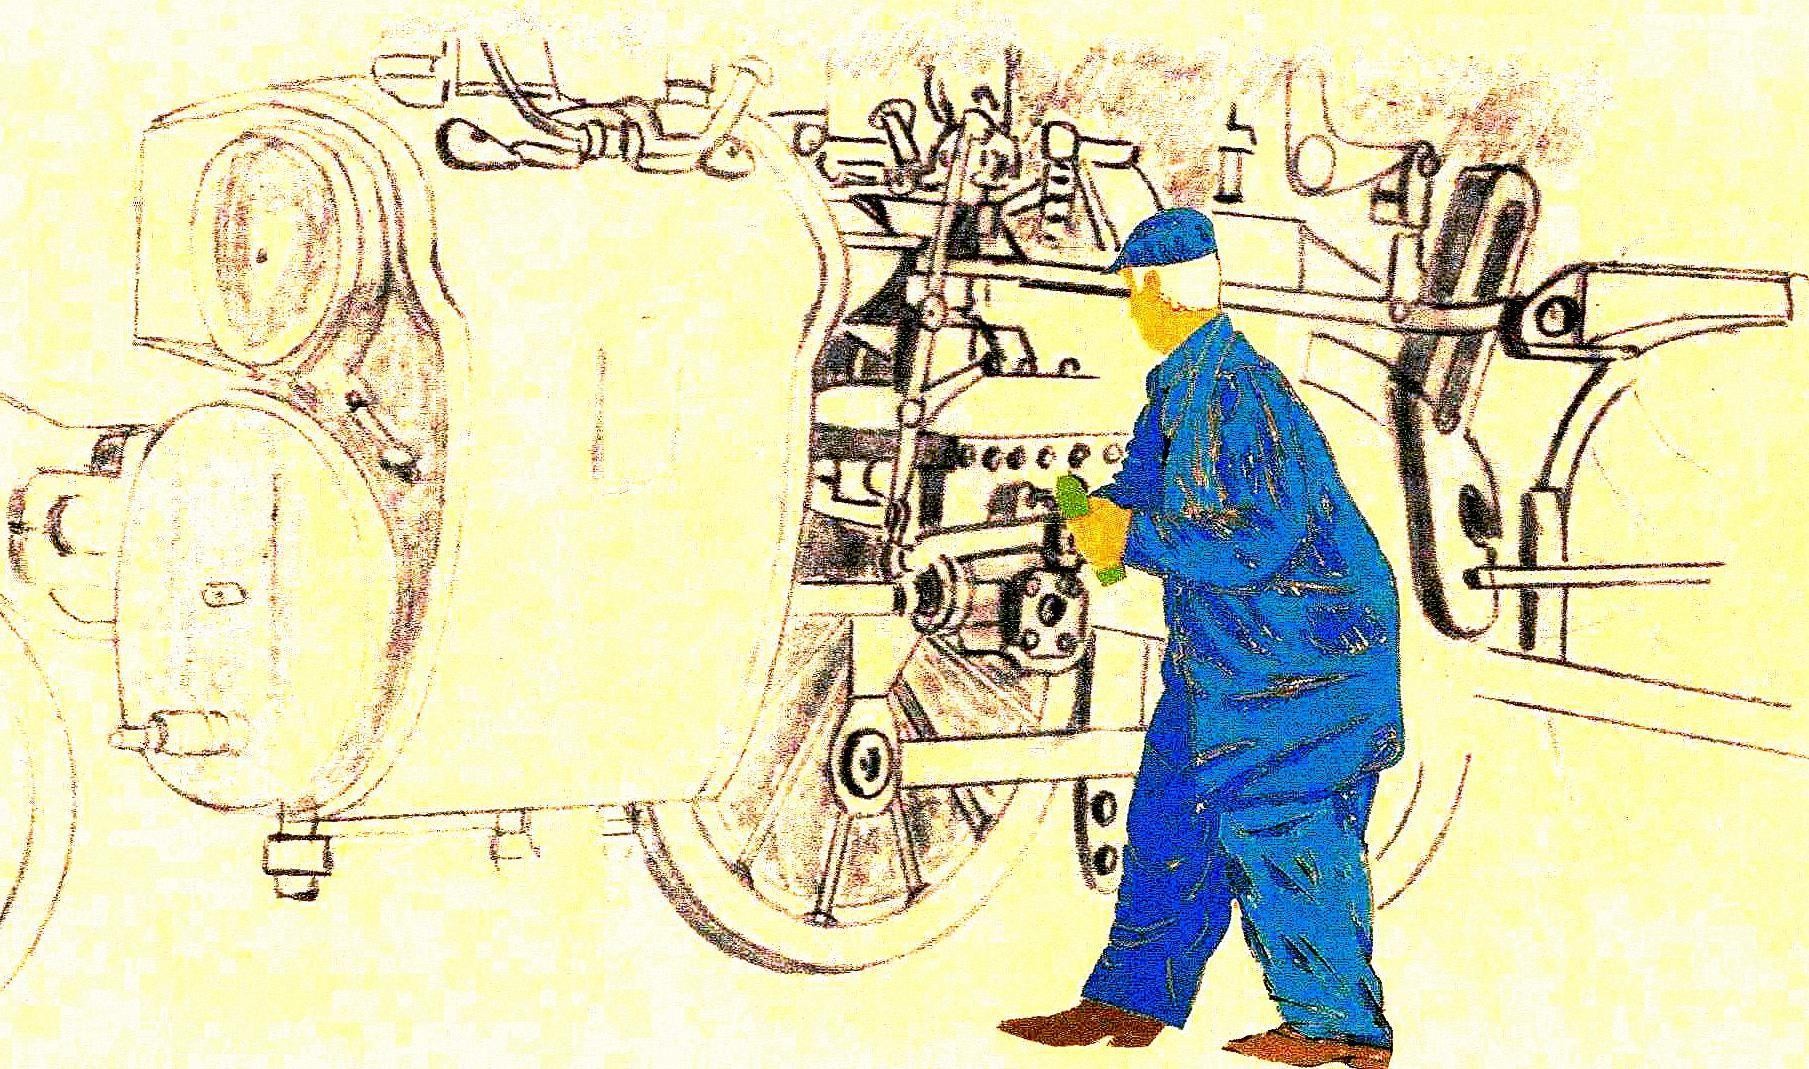 Dessin Mécanicien Devant Les Roues De La Locomotive À tout Dessin 4 Roues